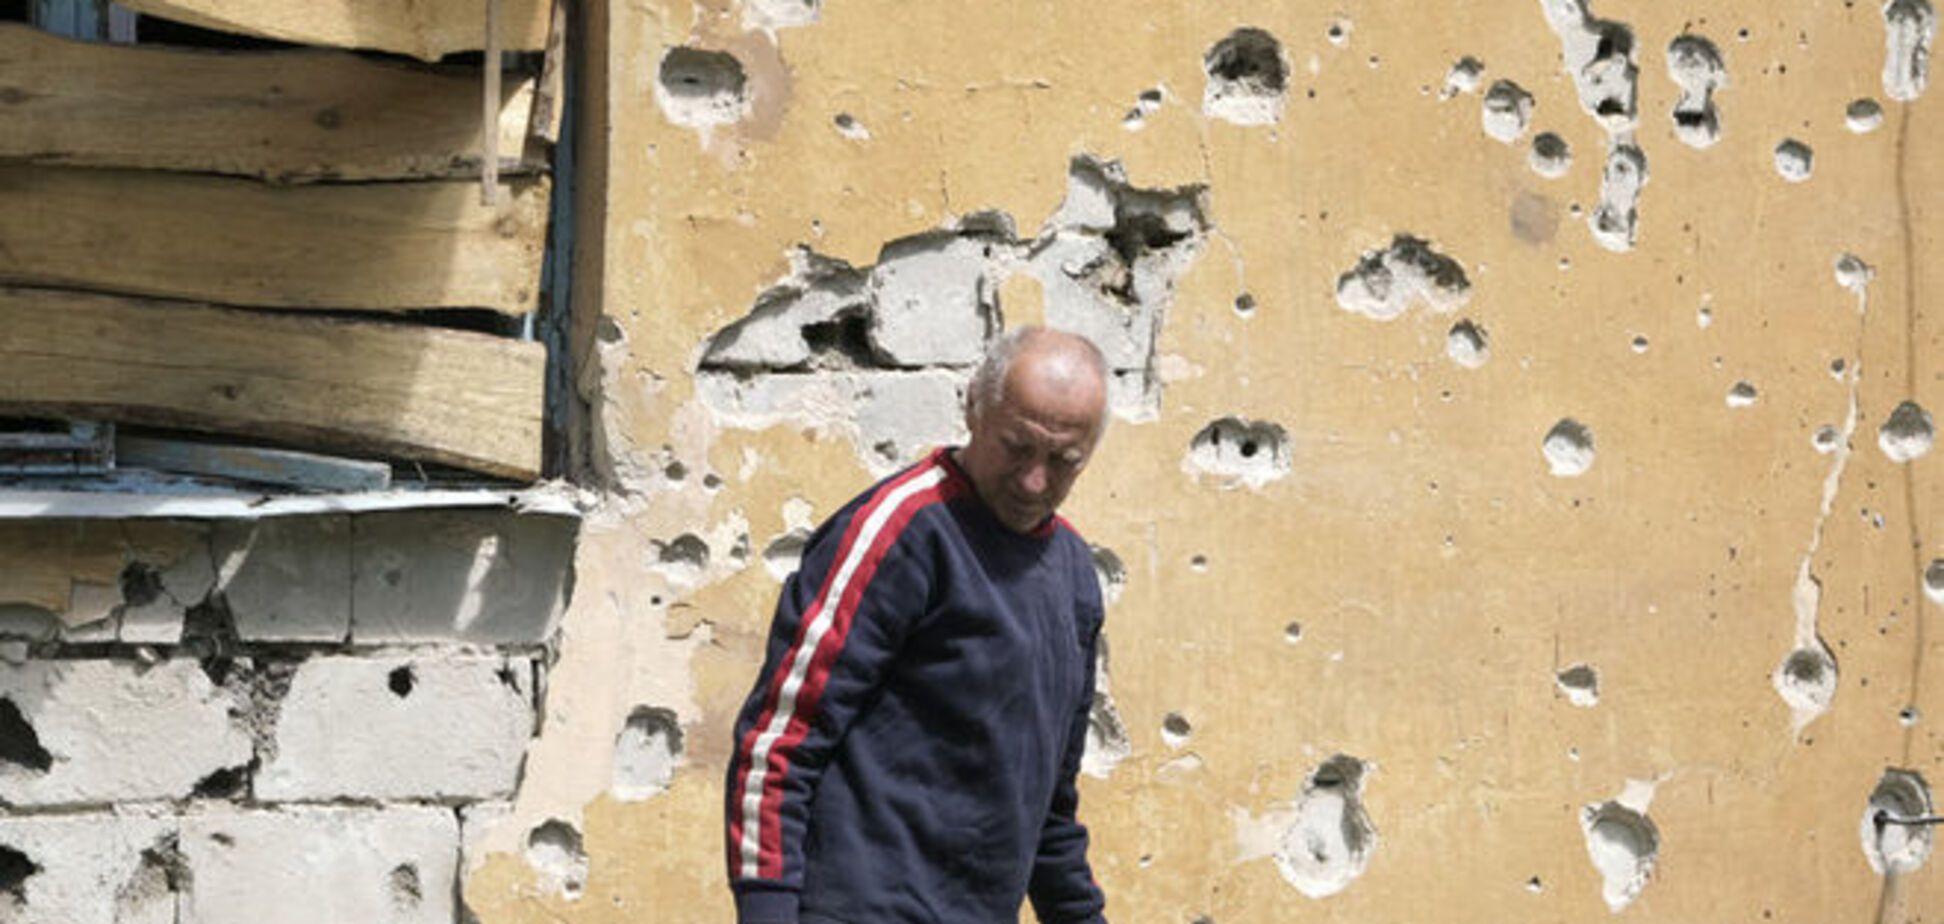 Після обстрілу в окупованому Донецьку загинула людина